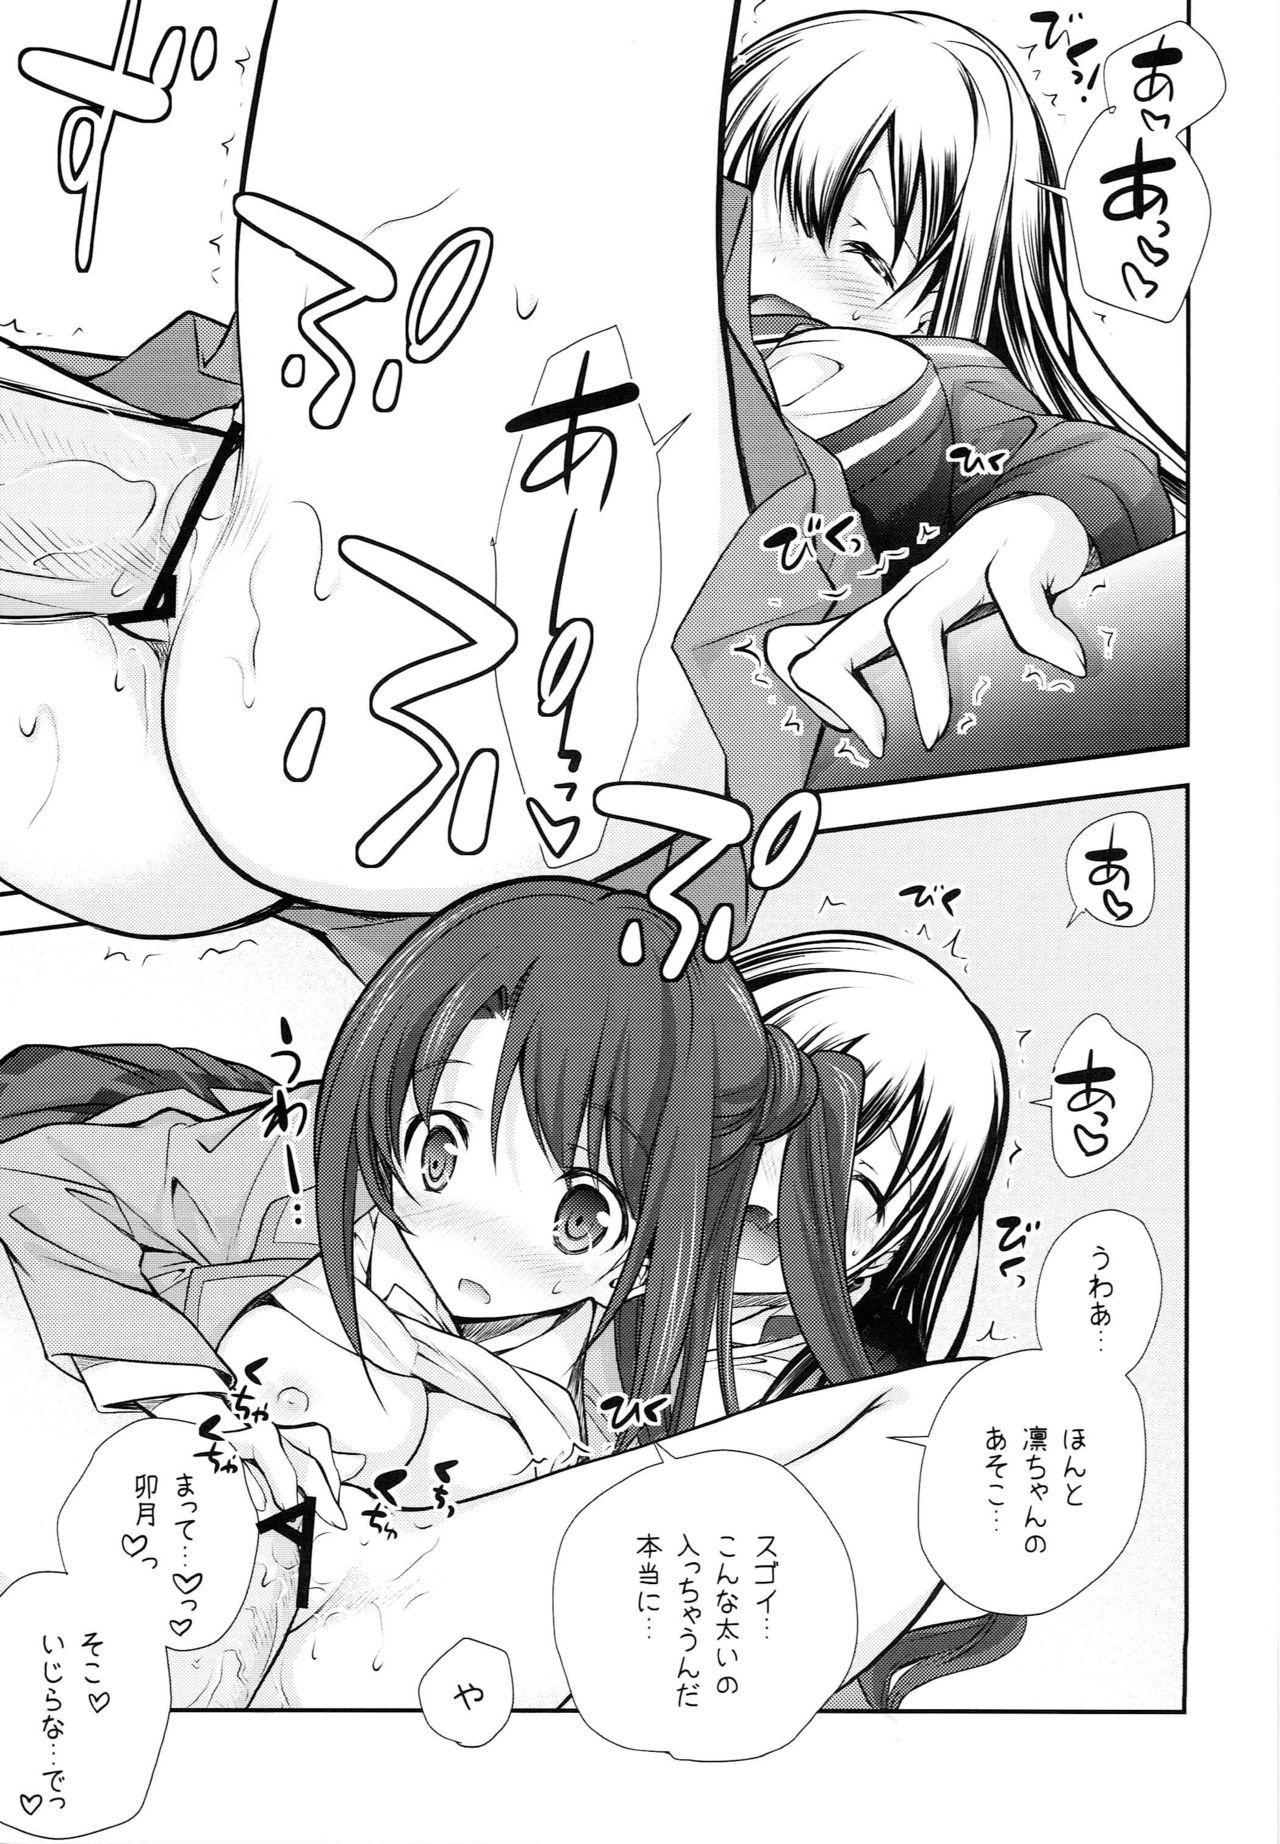 P ni 14-nin no Cinderella ga Makura o Kyouyou Suru Usui Hon 15